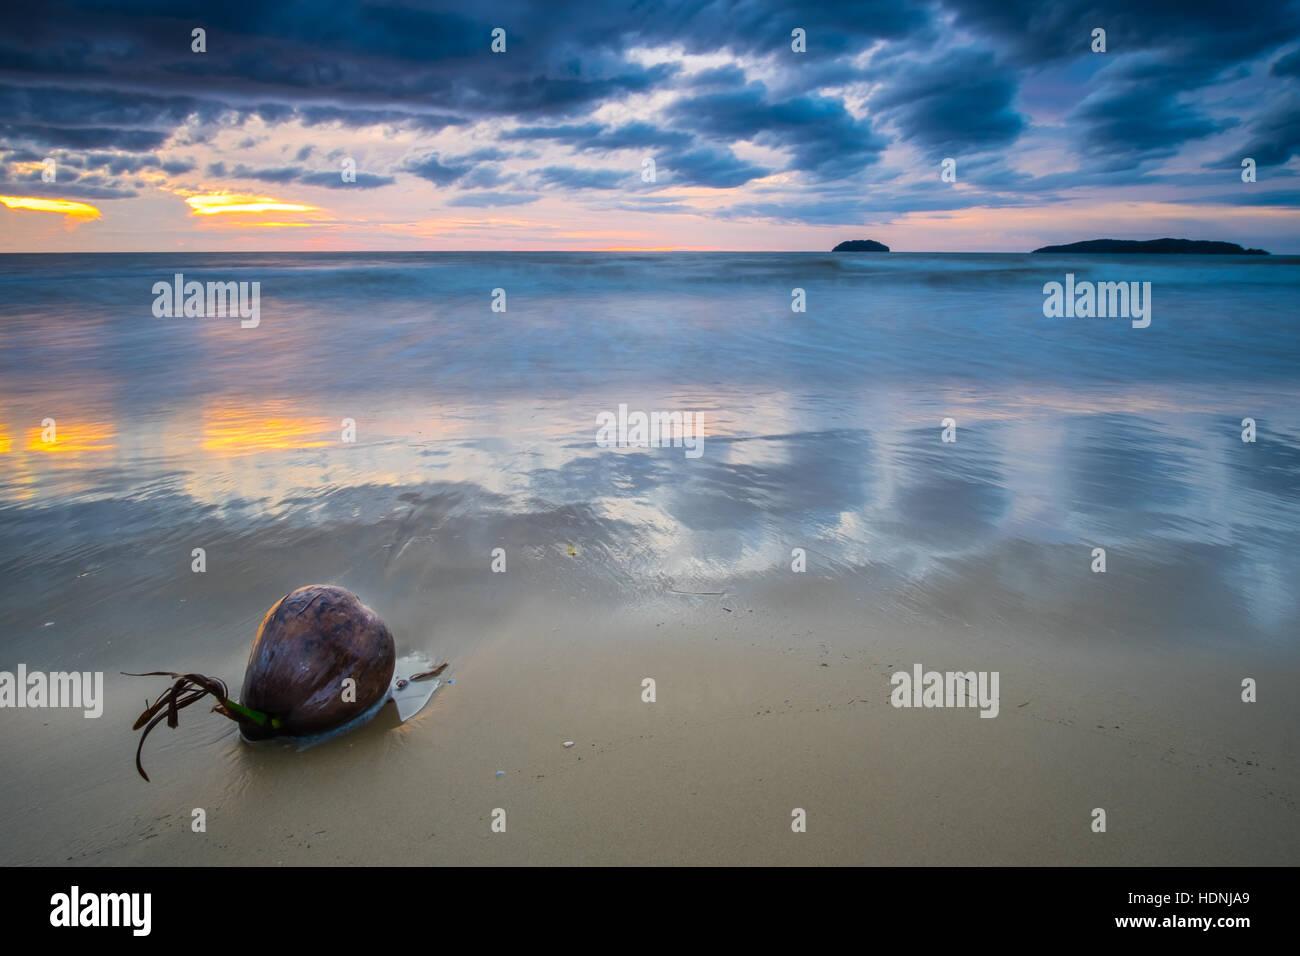 Sunset at Tanjung Aru beach, Kota Kinabalu. Stock Photo